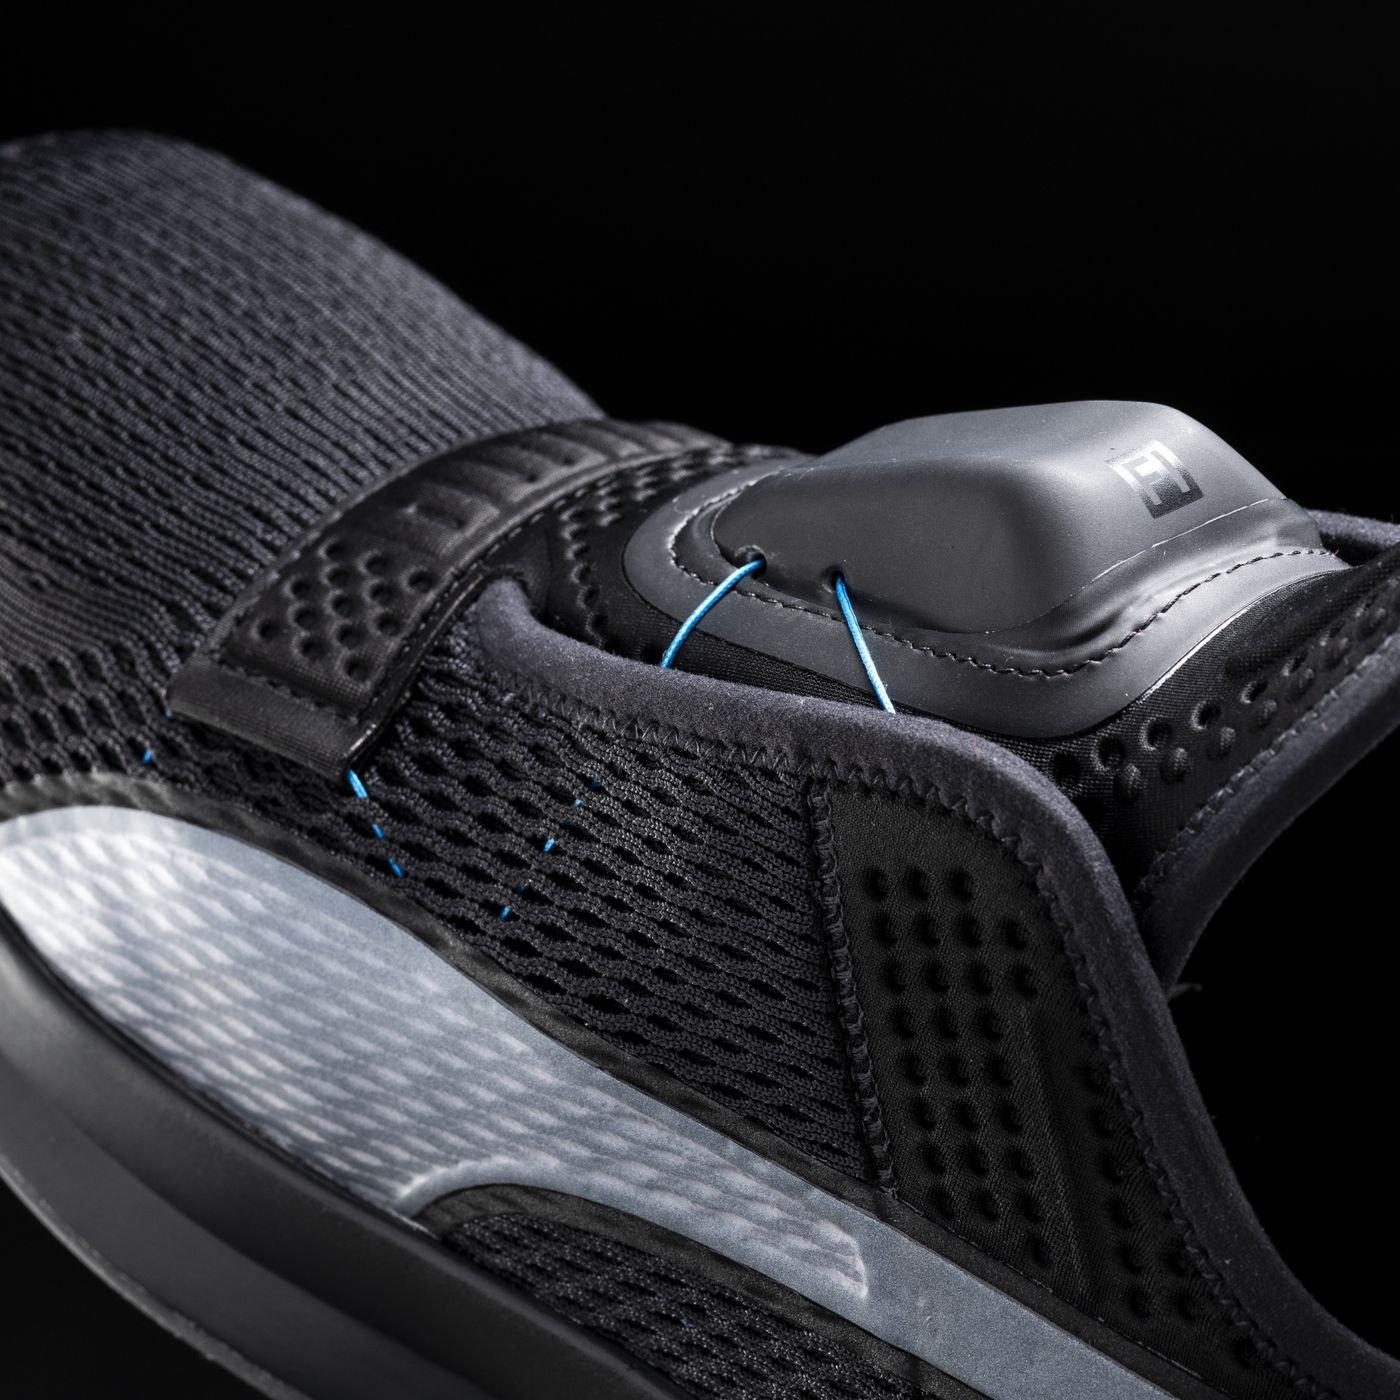 Dopo le belle Adapt BB di Nike – evidente sviluppo degli stivaletti AirMag  indossati da Marty McFly in Ritorno al futuro II – adesso anche la tedesca  Puma ... 87d89532577